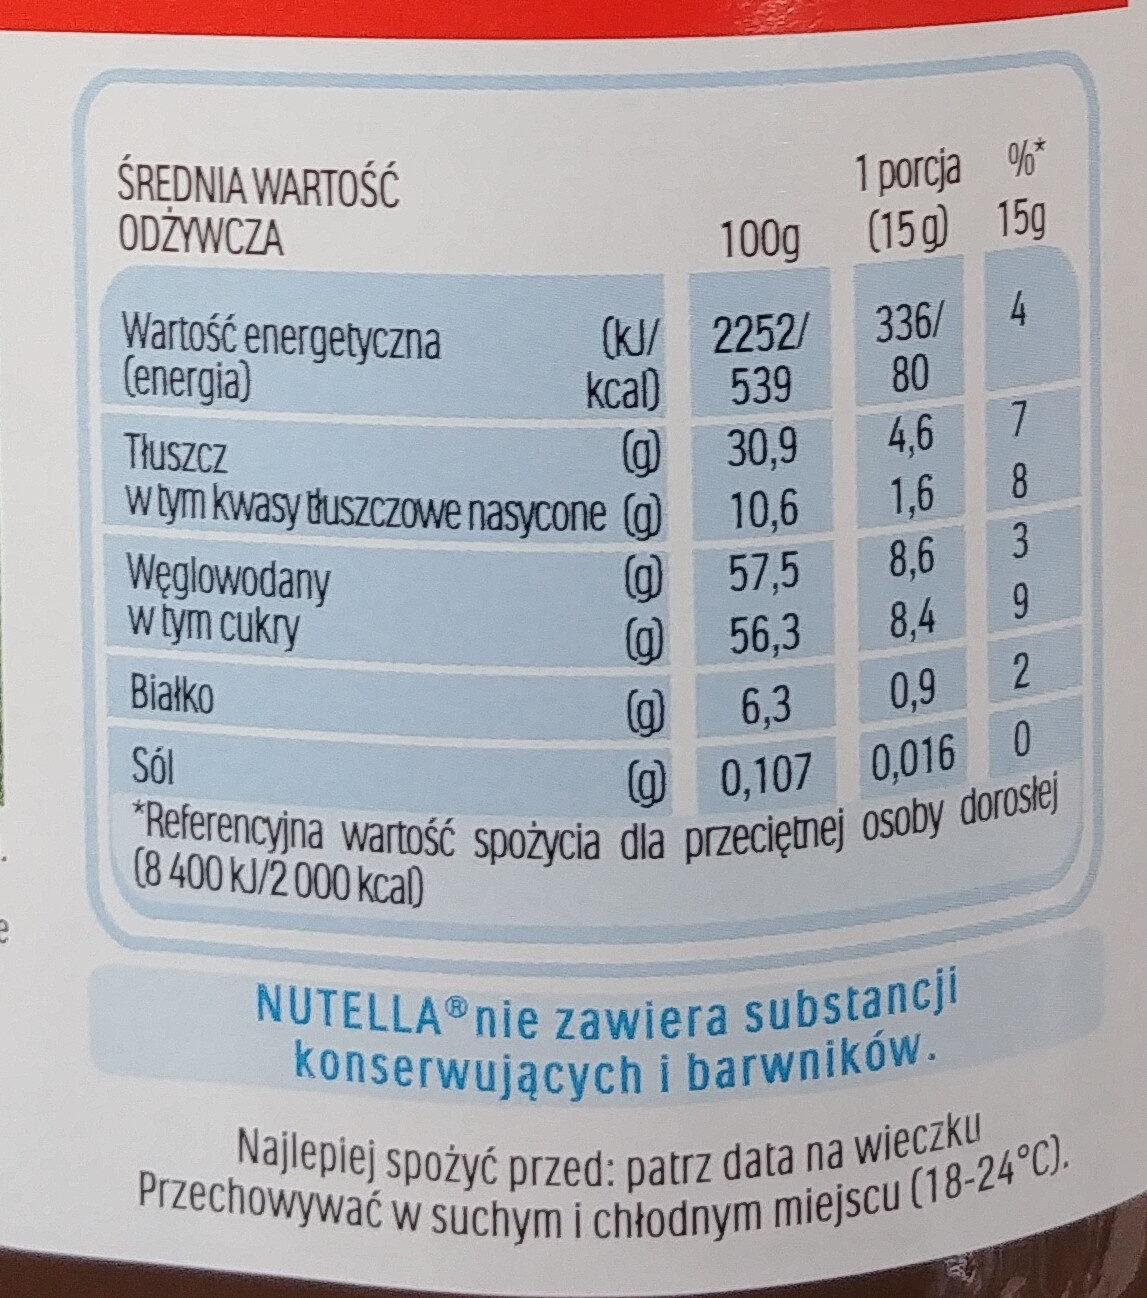 Krem do smarowania z orzechami laskowymi i kakao - Wartości odżywcze - pl